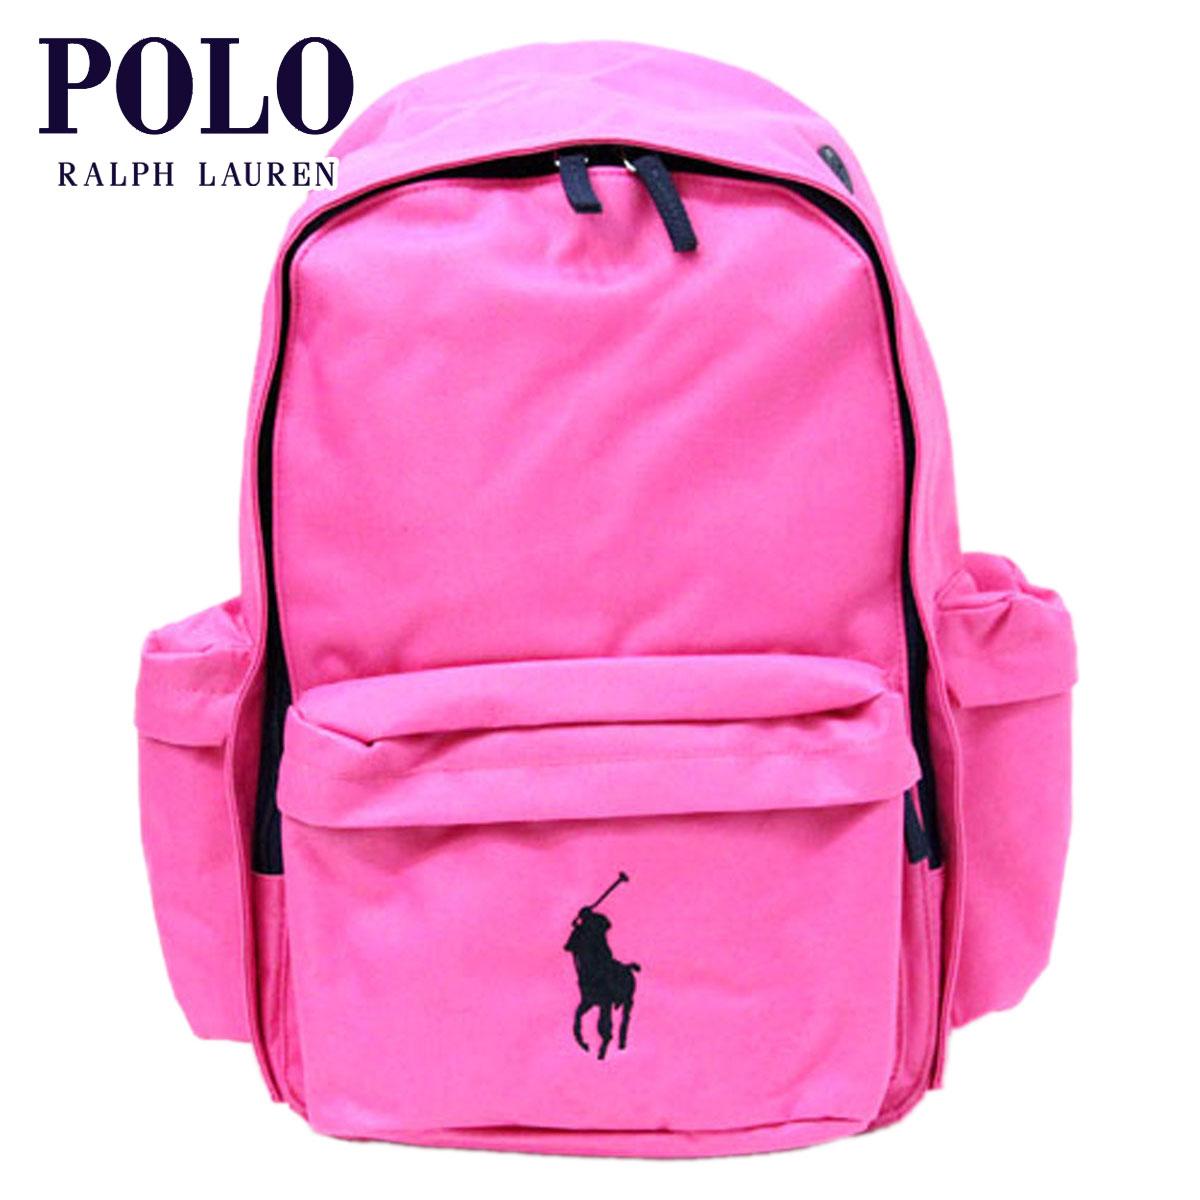 c0836c50c2 Polo Ralph Lauren POLO RALPH LAUREN genuine bags BIG PONY School Backpack  (H42.5 W28 D15.5cm) P06Dec14